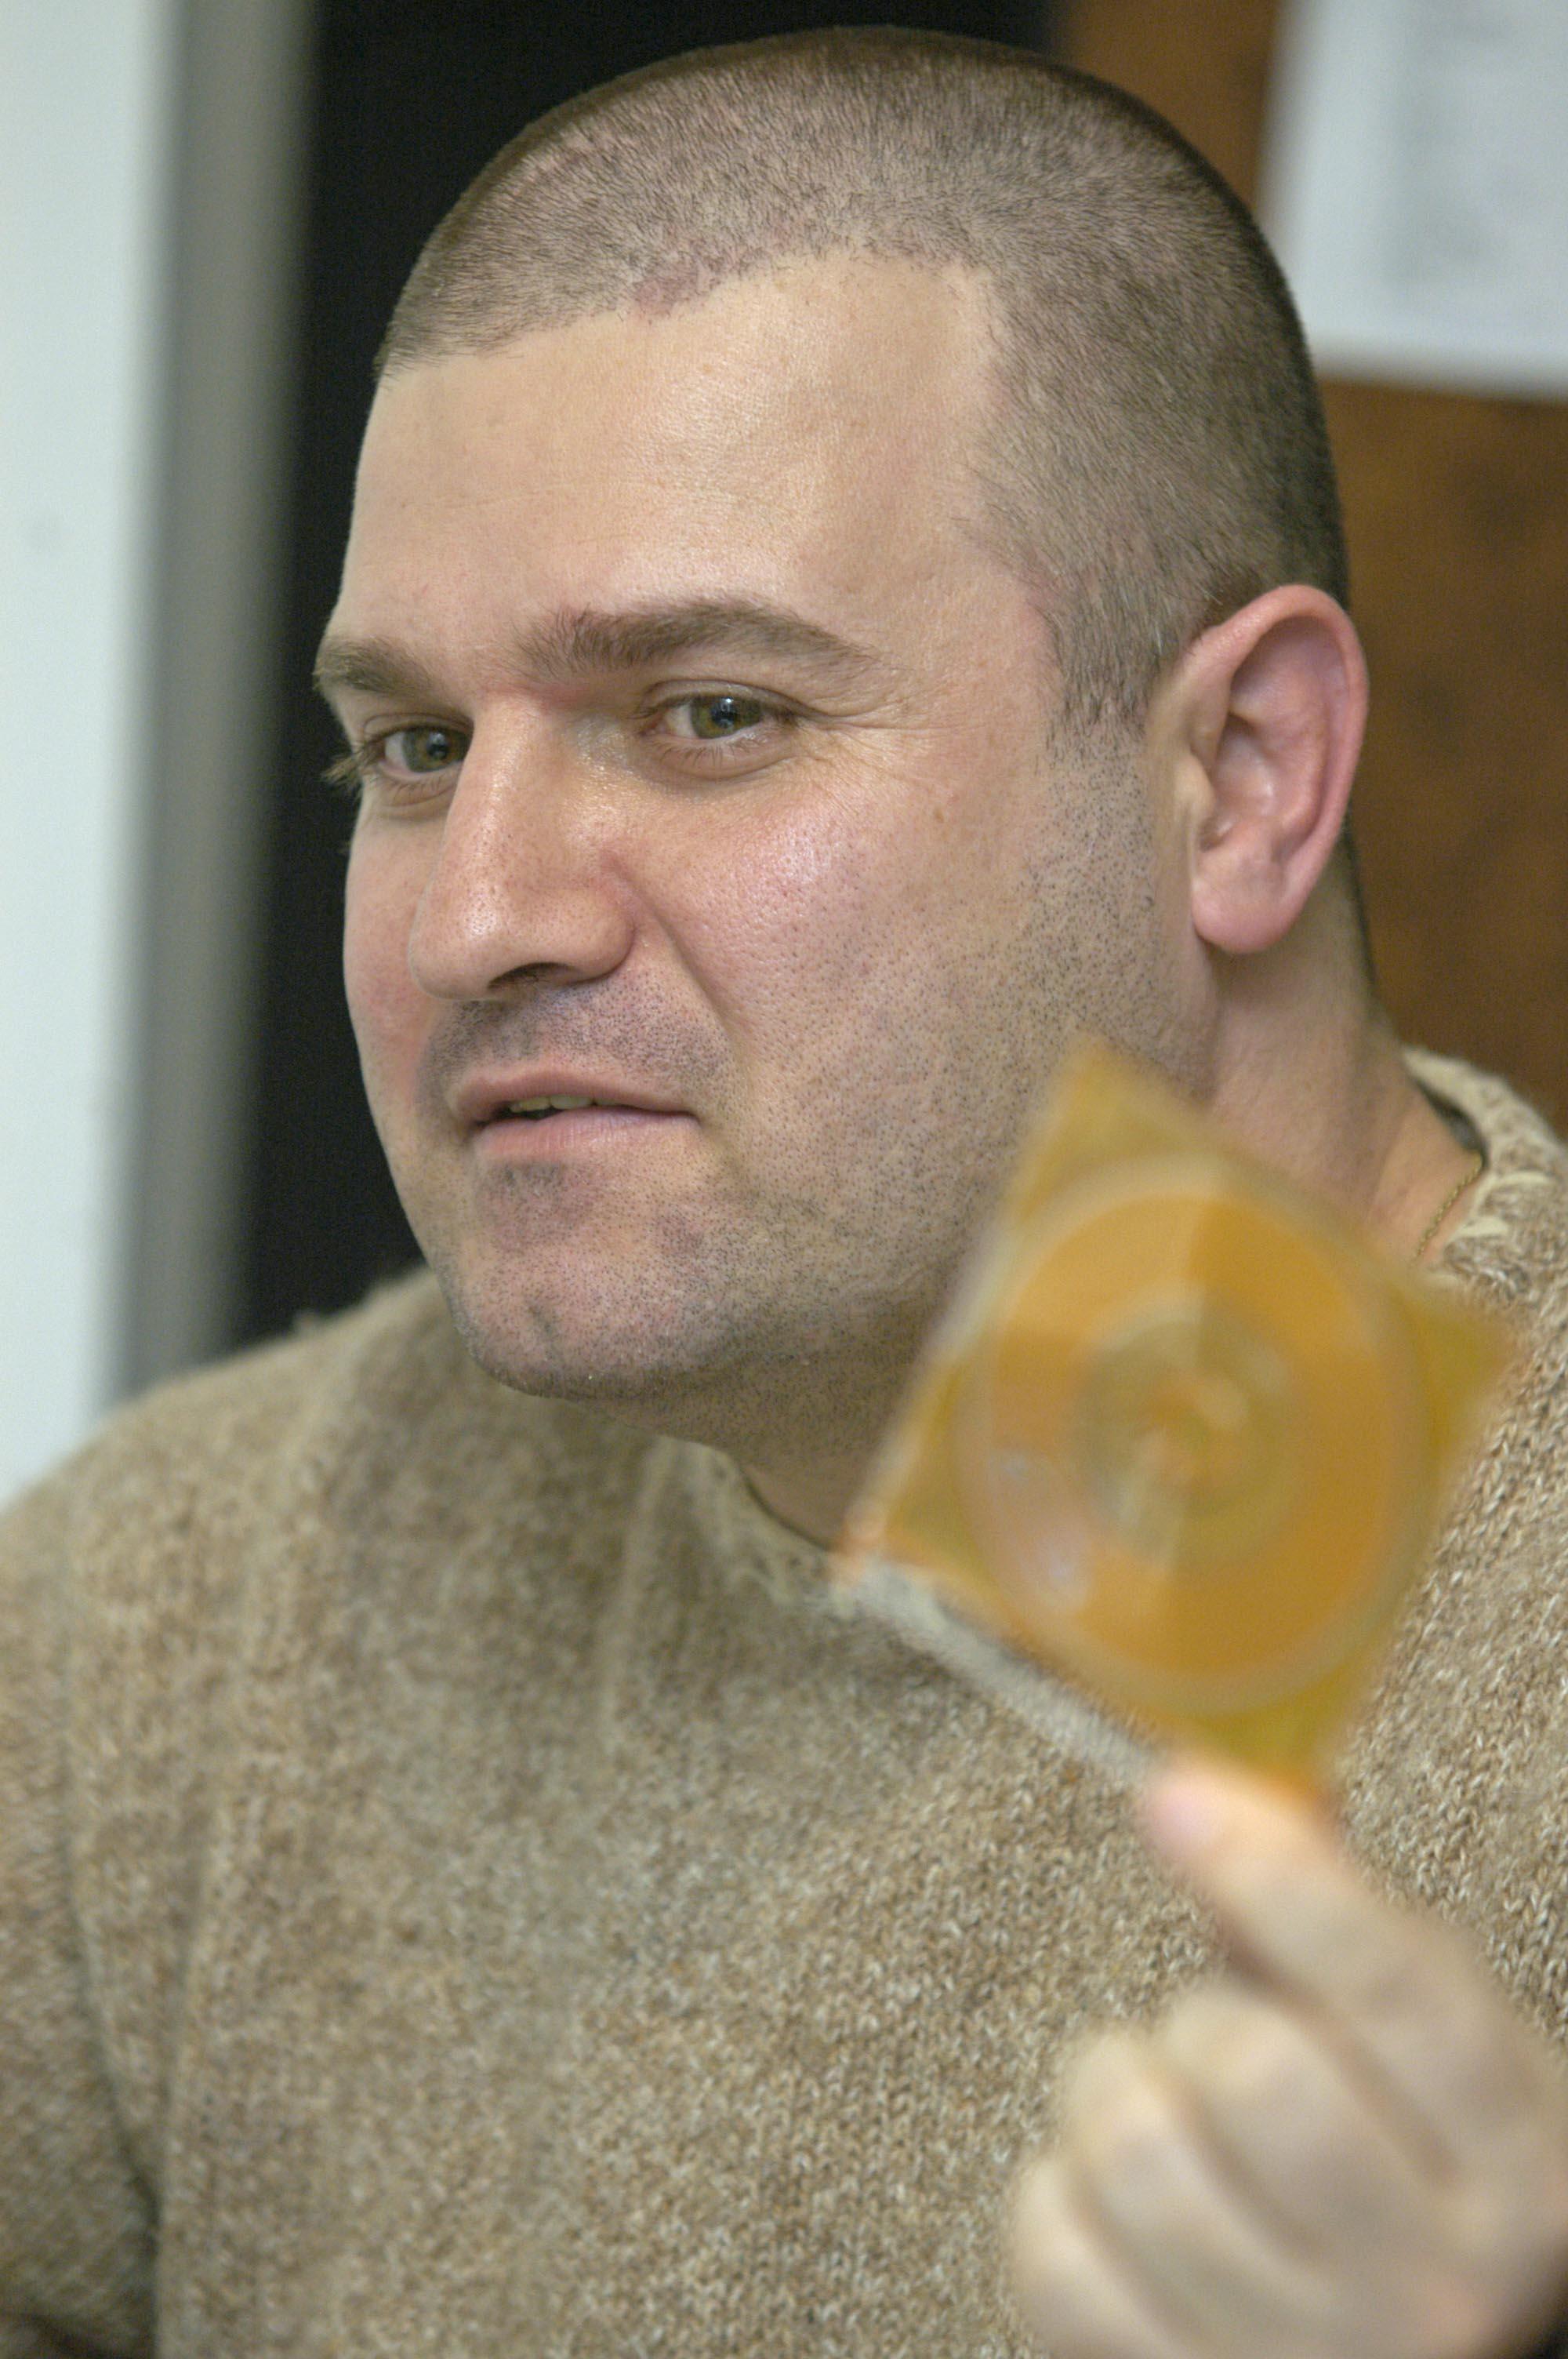 """Божиновски тврди дека неговото апсење и вклучување во """"Шпион"""" е само обид да го замолчат, бидејќи објавувал компромитирачки коруптивни материјали за луѓе од највисоките структури на владејачката ВМРО ДПМНЕ, но и на ДУИ"""